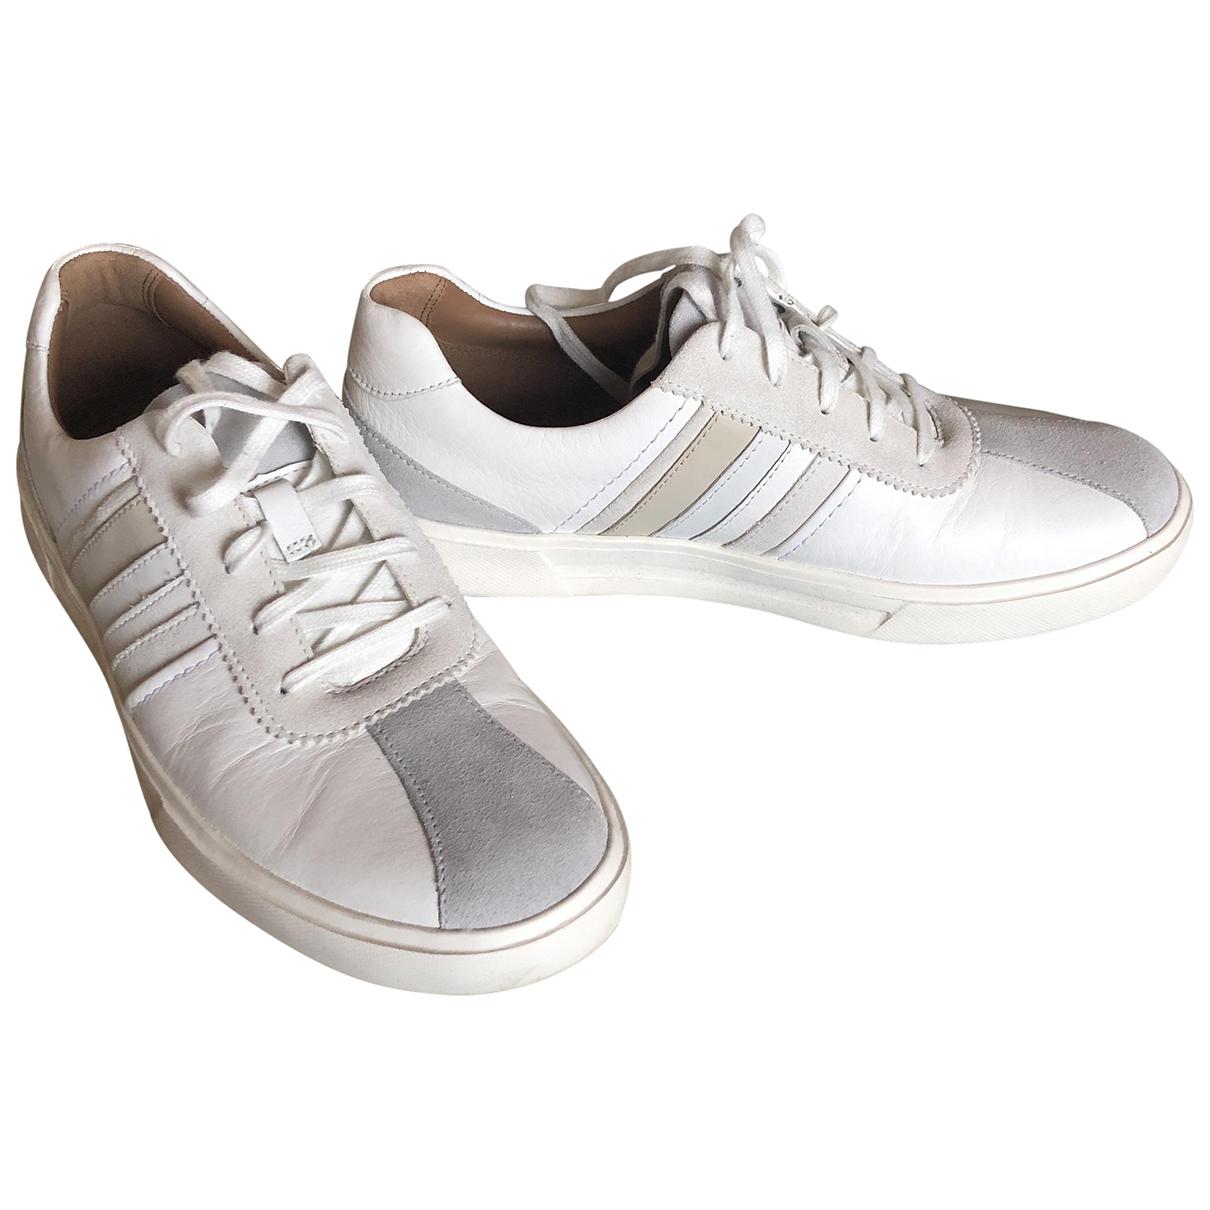 Clarks \N Sneakers in  Weiss Leder